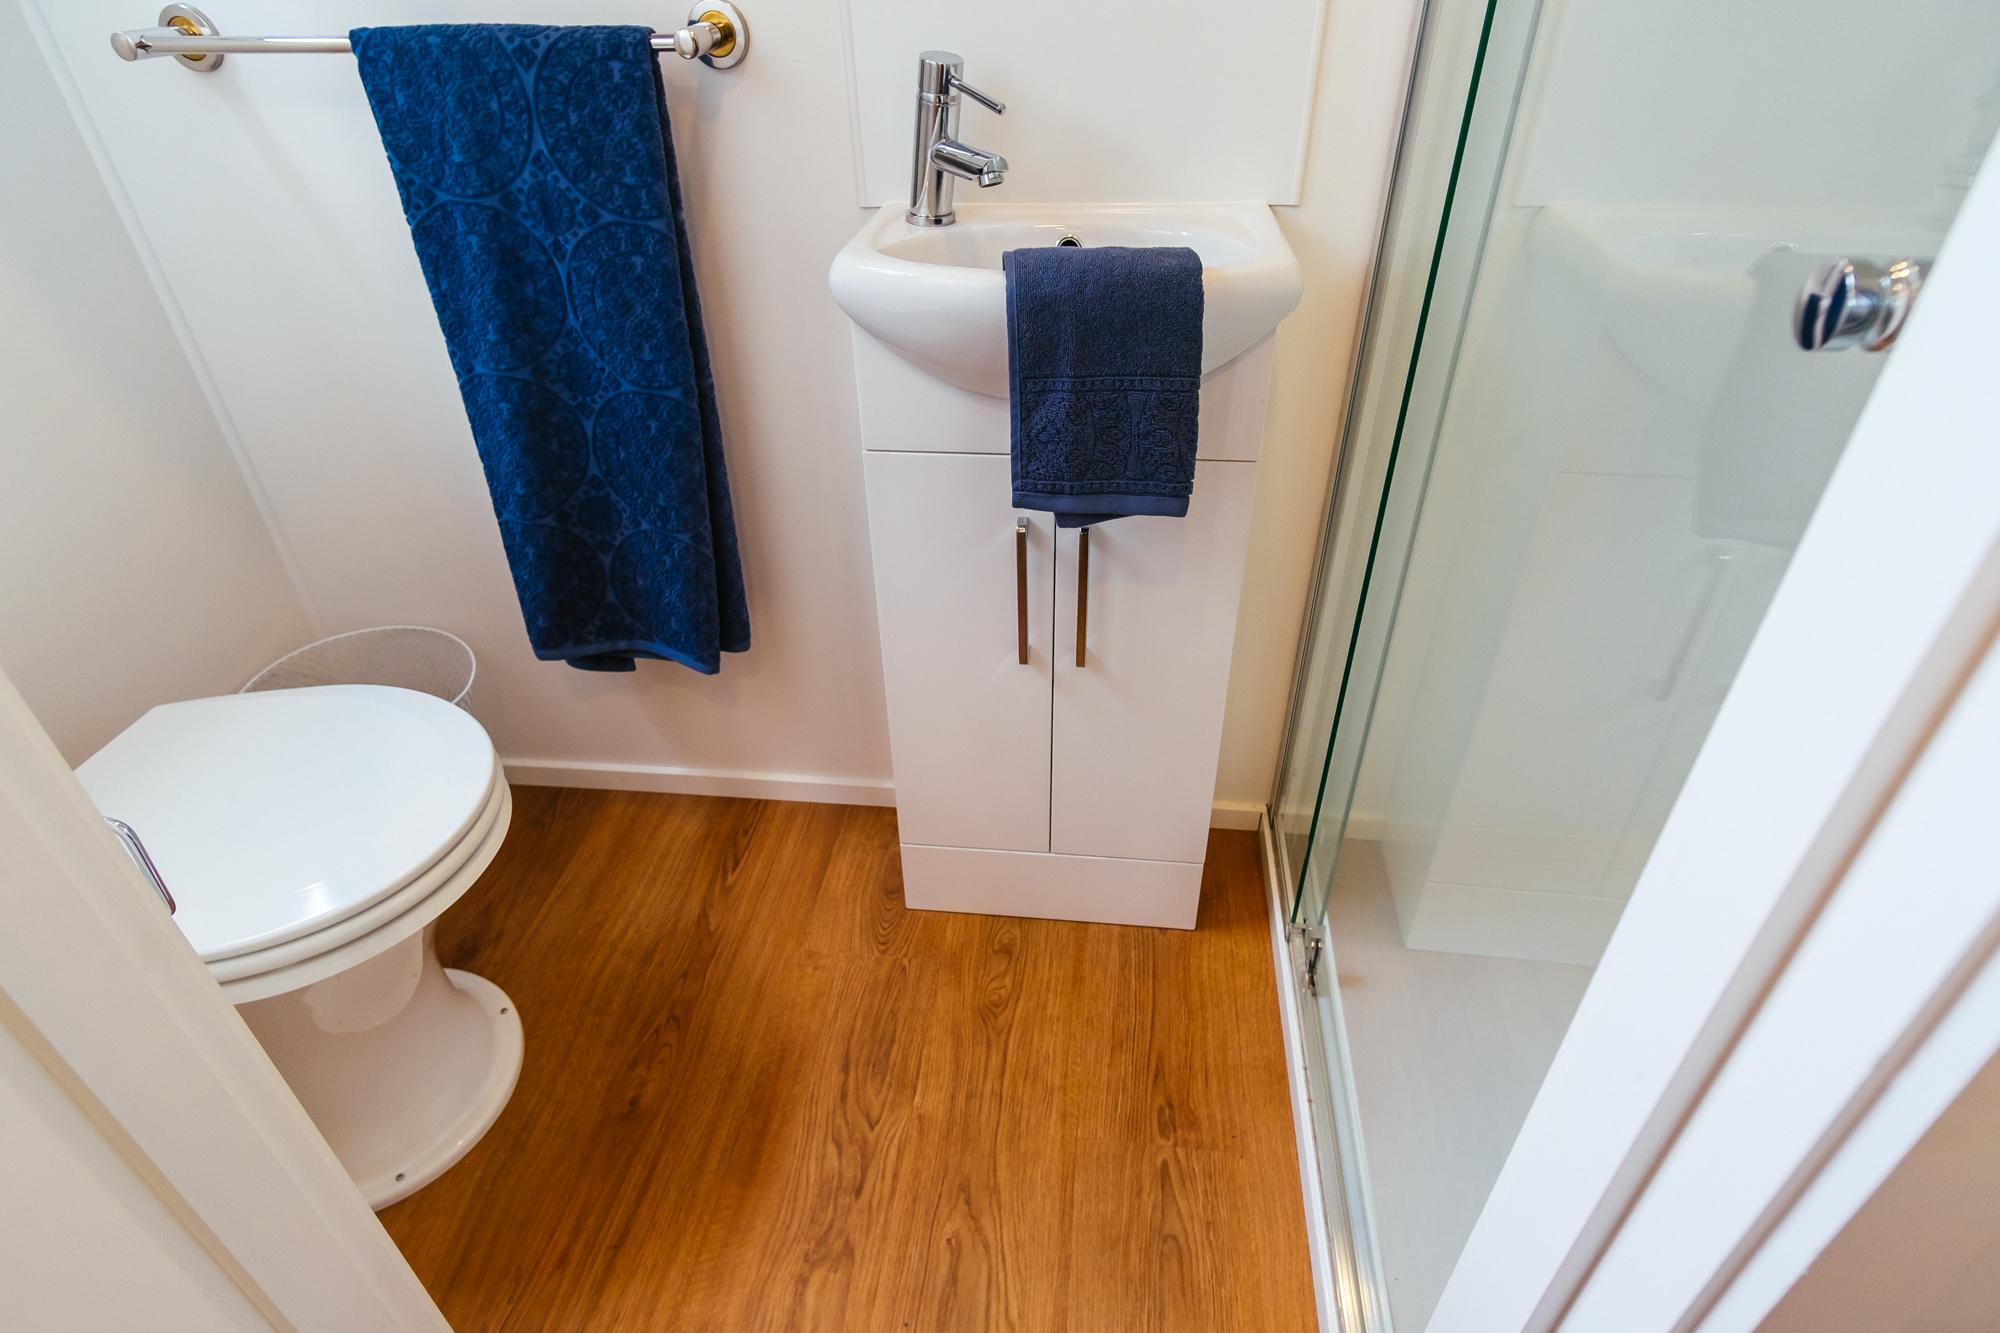 GS6000DLS Bathroom